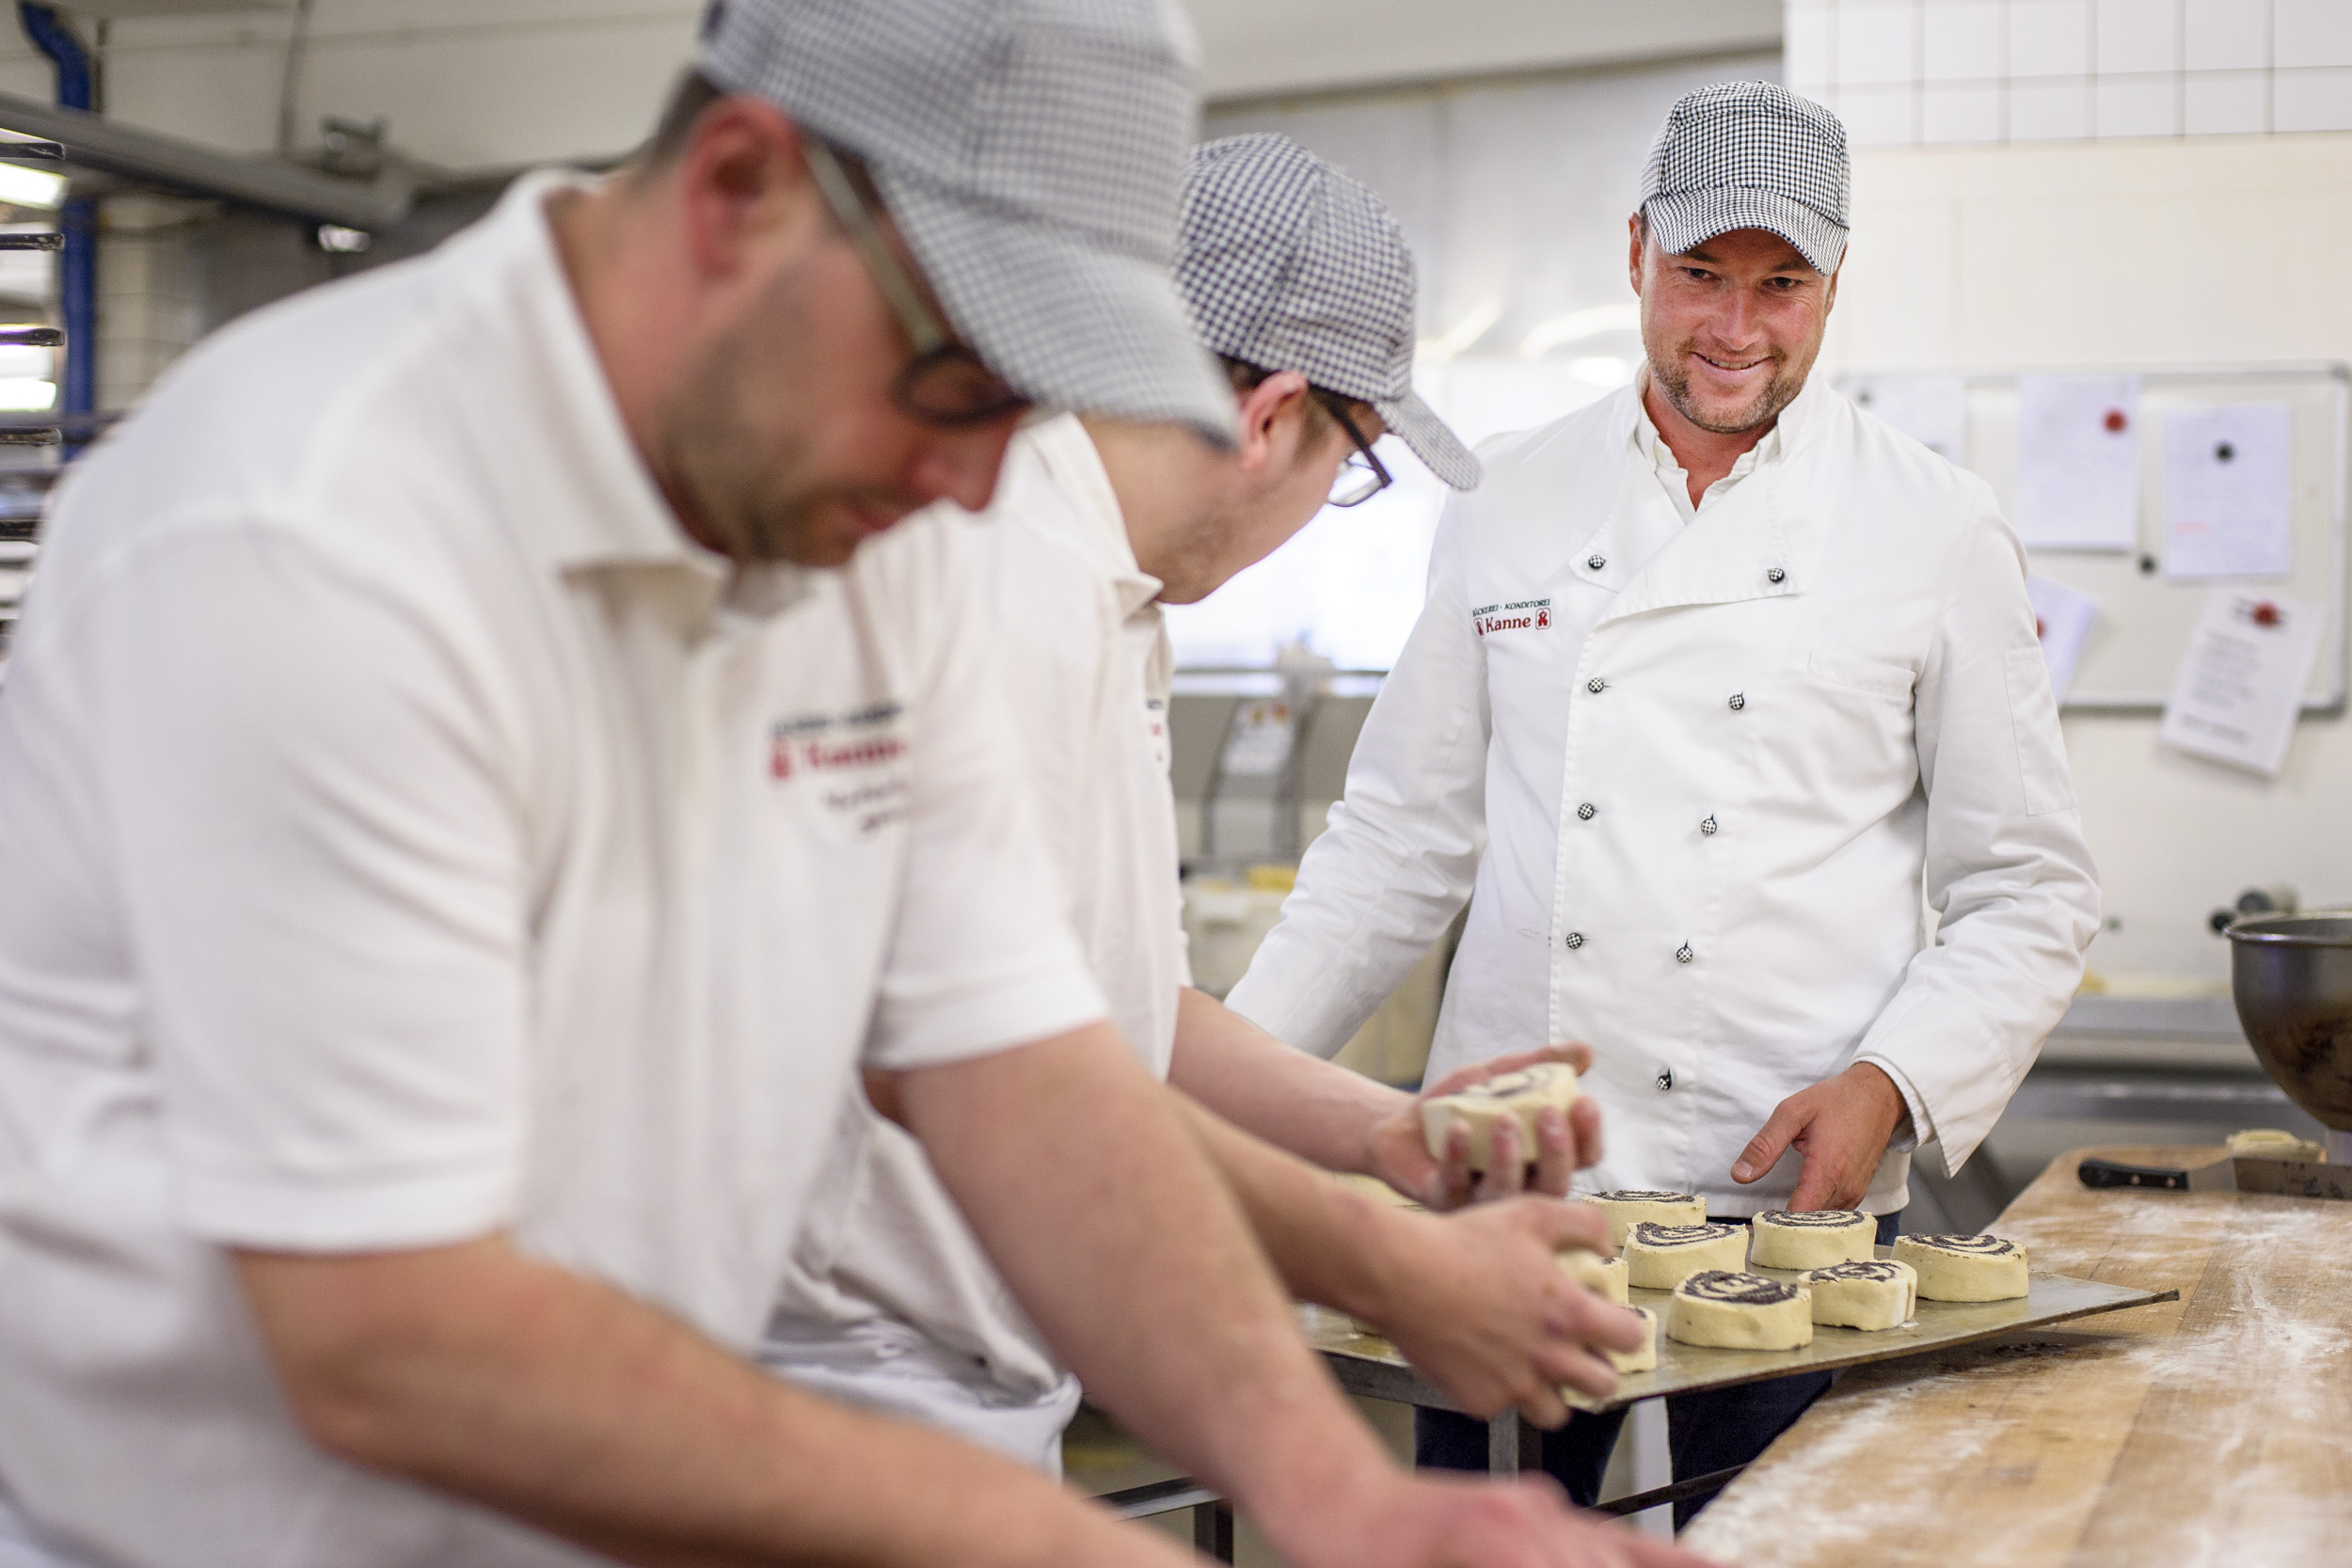 Deutschland, Nordrhein-Westfalen, Lünen, 28.09.2017 - Bäckerei KanneWILHELM KANNE jr. betreut seine Mitarbeiter in der BÄCKEREI KANNE beim zubereiten von MohnröllchenWILHELM KANNE JR. betreibt in der mittlerweise 5. Generation die BÄCKEREI KANNE und die KANNE BROTTRUNK GMBH in Lünen. Die Kunst des Brotbackens wird in der Bäckerei Kanne schon seit über einem Jahrhundert gepflegt. Von Anfang an standen dabei das Wohl des Menschen und dessen gesunde Ernährung im Vordergrund.Auch heute, wird immer noch nach altbewährten Rezepten gebacken: Schmackhaft, natürlich und gesund - mit selbst hergestelltem Natursauerteig und ohne chemische Zusätze. FOTO: MAXIMILIAN VON LACHNERDieses Foto darf nur nach Absprache mit dem Urheber verwendet werden.Die Lieferung erfolgt gemäß meiner AGB(download.maximilianvonlachner.de/AGB.pdf)Um ein Belegexemplar wird gebeten.